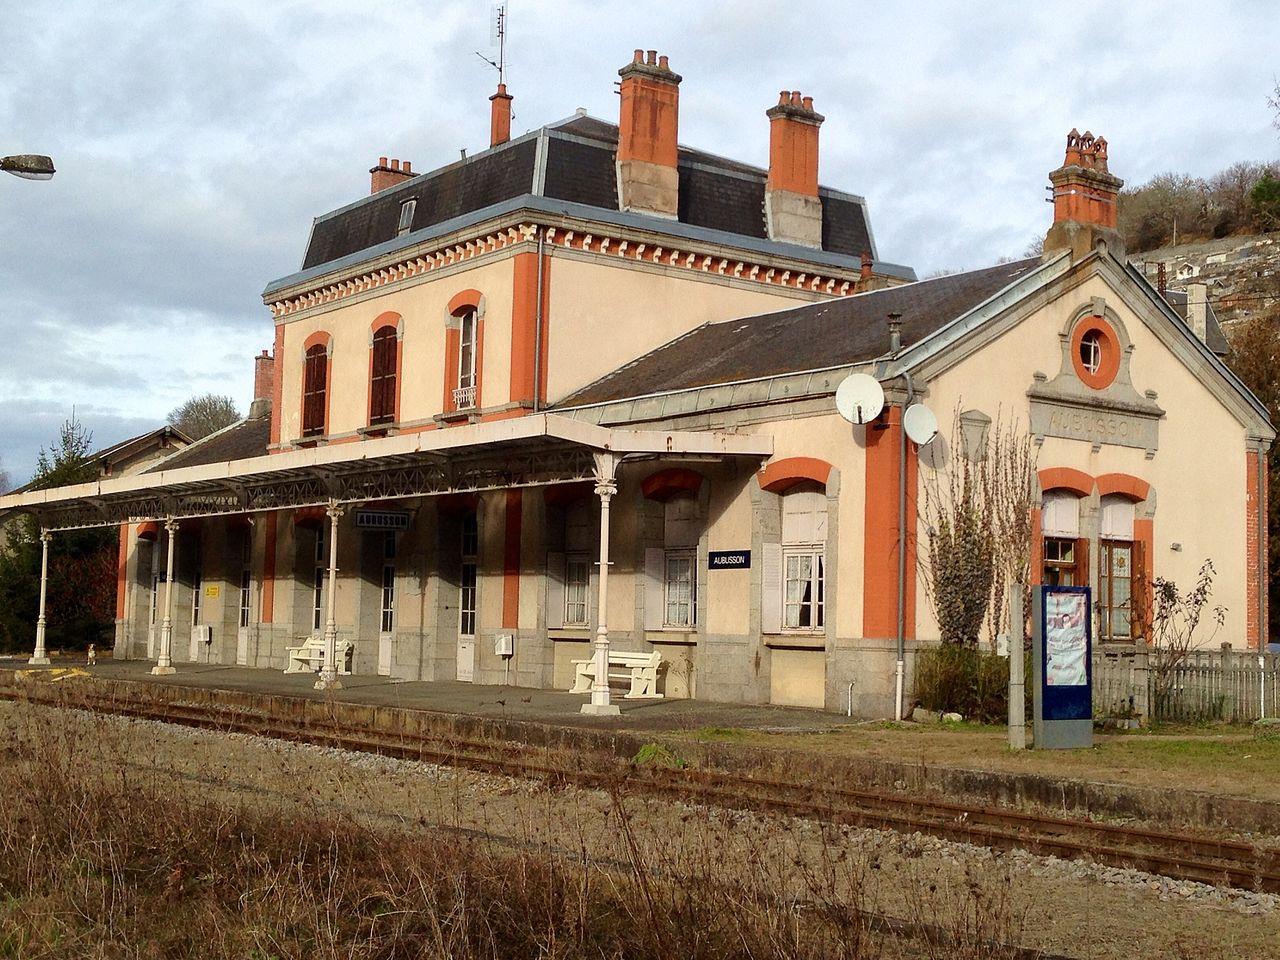 Aubusson-train-station